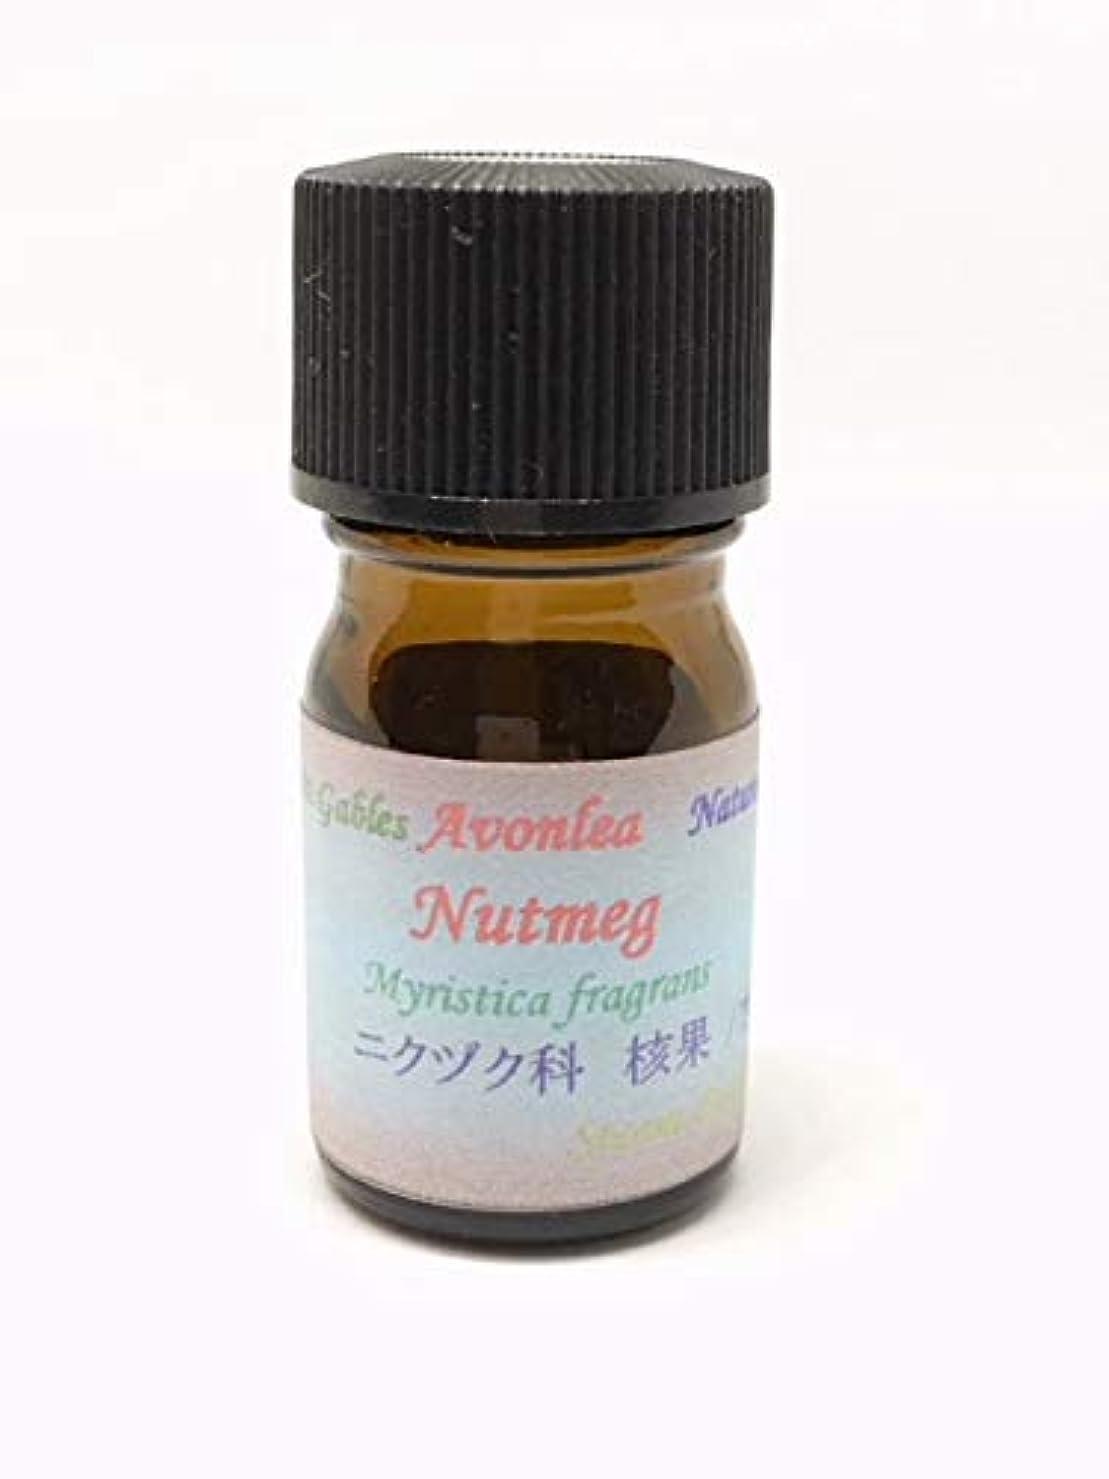 ナツメグ 100% ピュア エッセンシャルオイル 高級精油 30ml Nutmeg